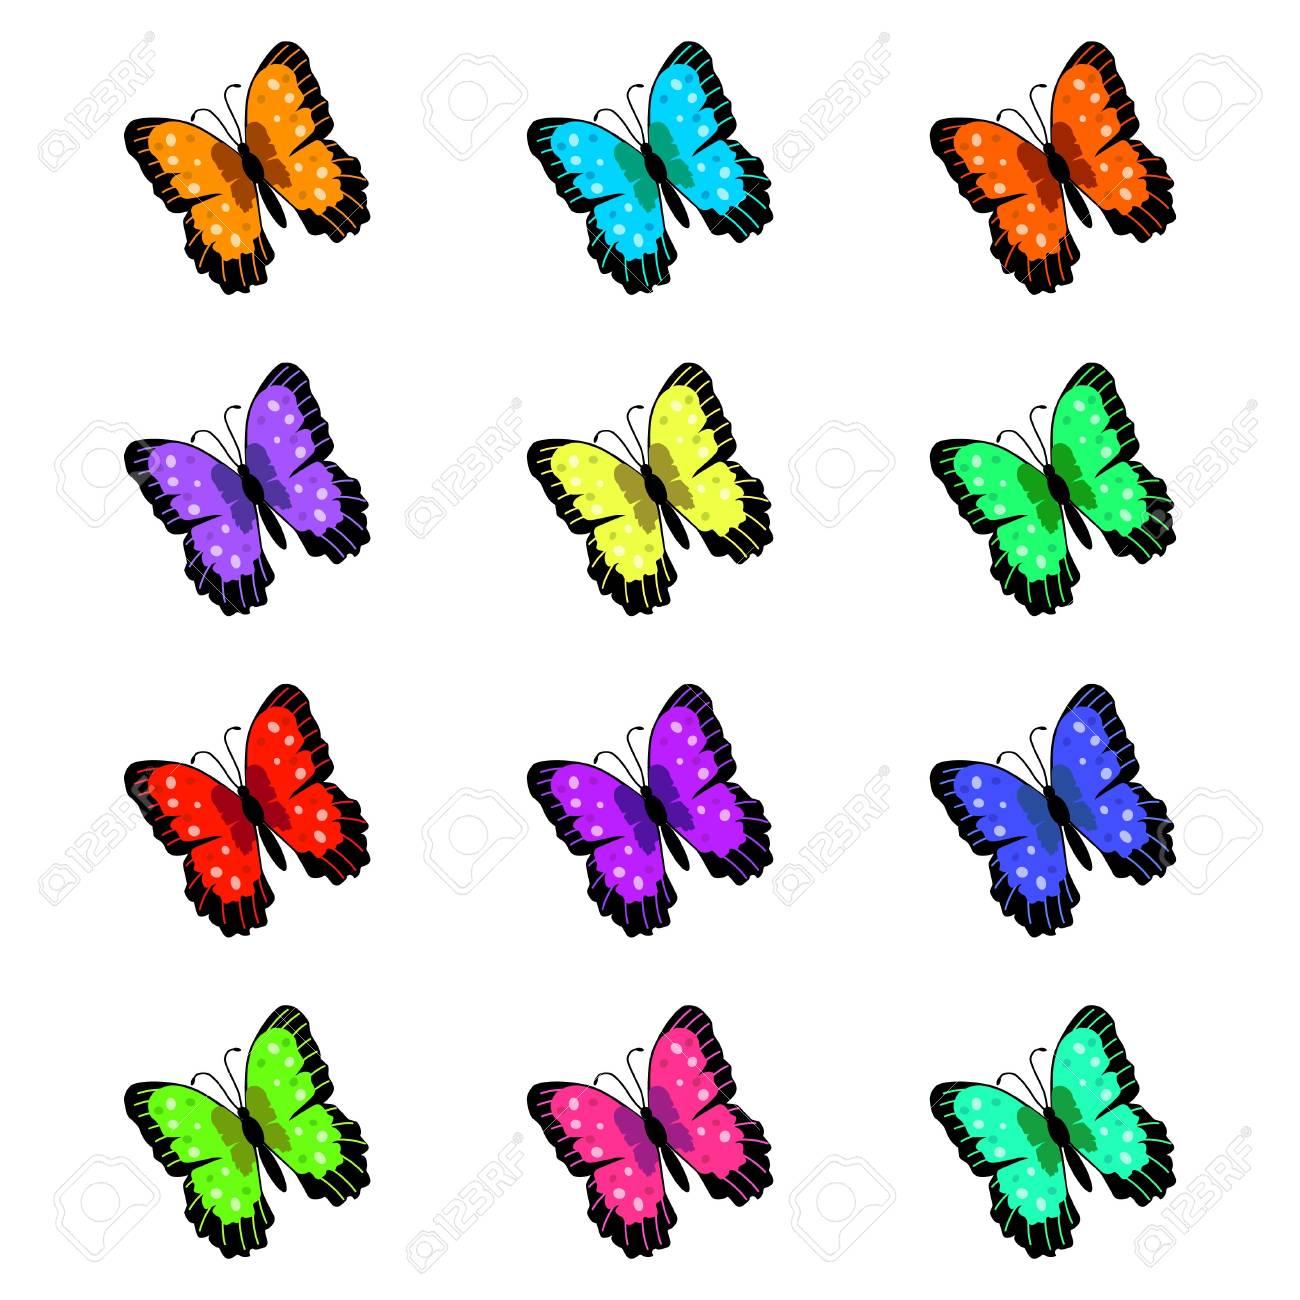 Butterflies Illustration Stock Photo - 6852088